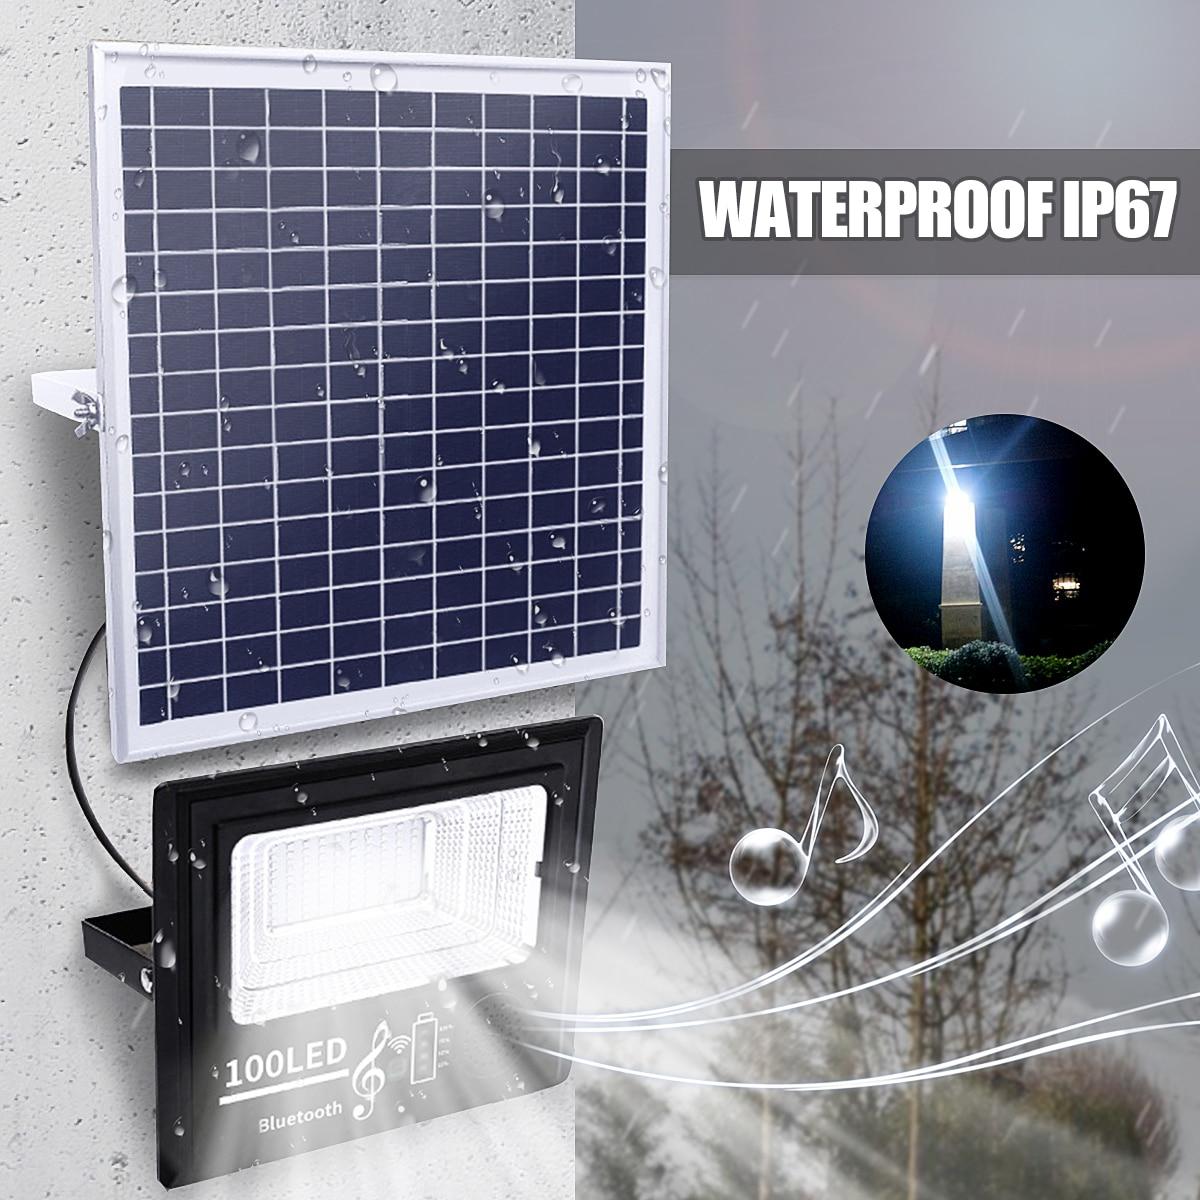 Lampe d'extérieur 50/100/192/300 énergie solaire LED 50 W/100 W/200 W/300 W musique lumière d'inondation bluetooth haut-parleur IP67 étanche économie d'énergie